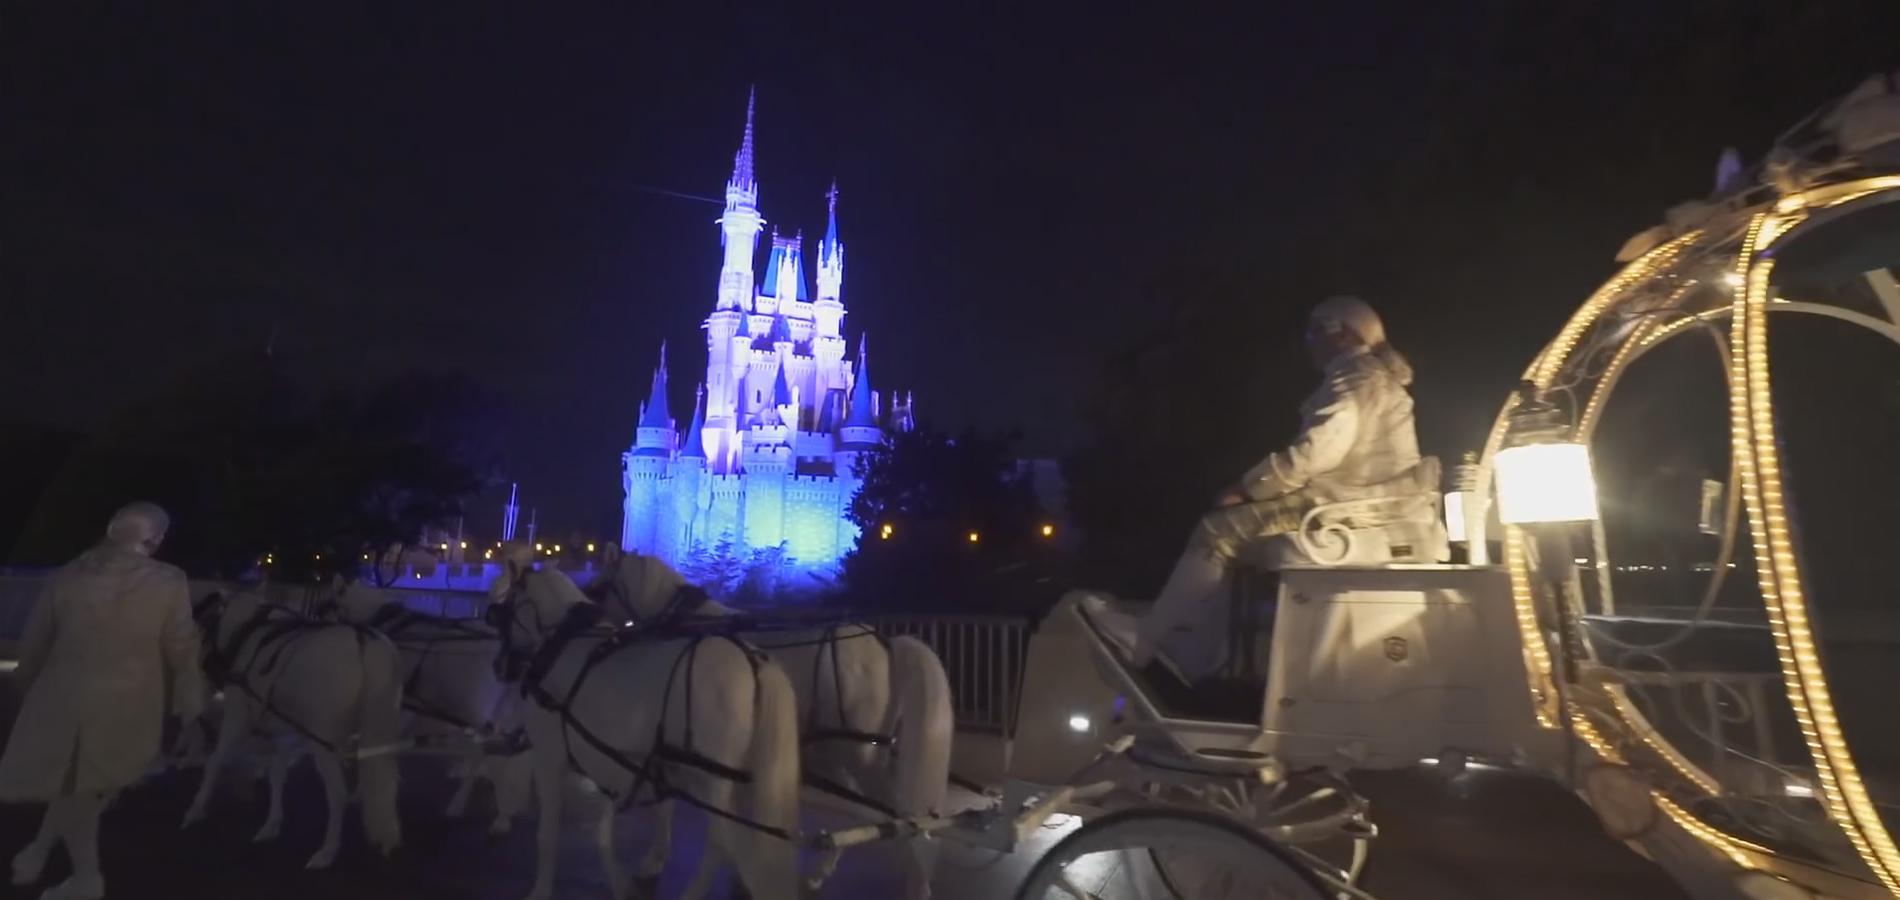 Mariage à Disneyworld. Se marier dans un parc Disney ? « Quand la magie  prend vie. »